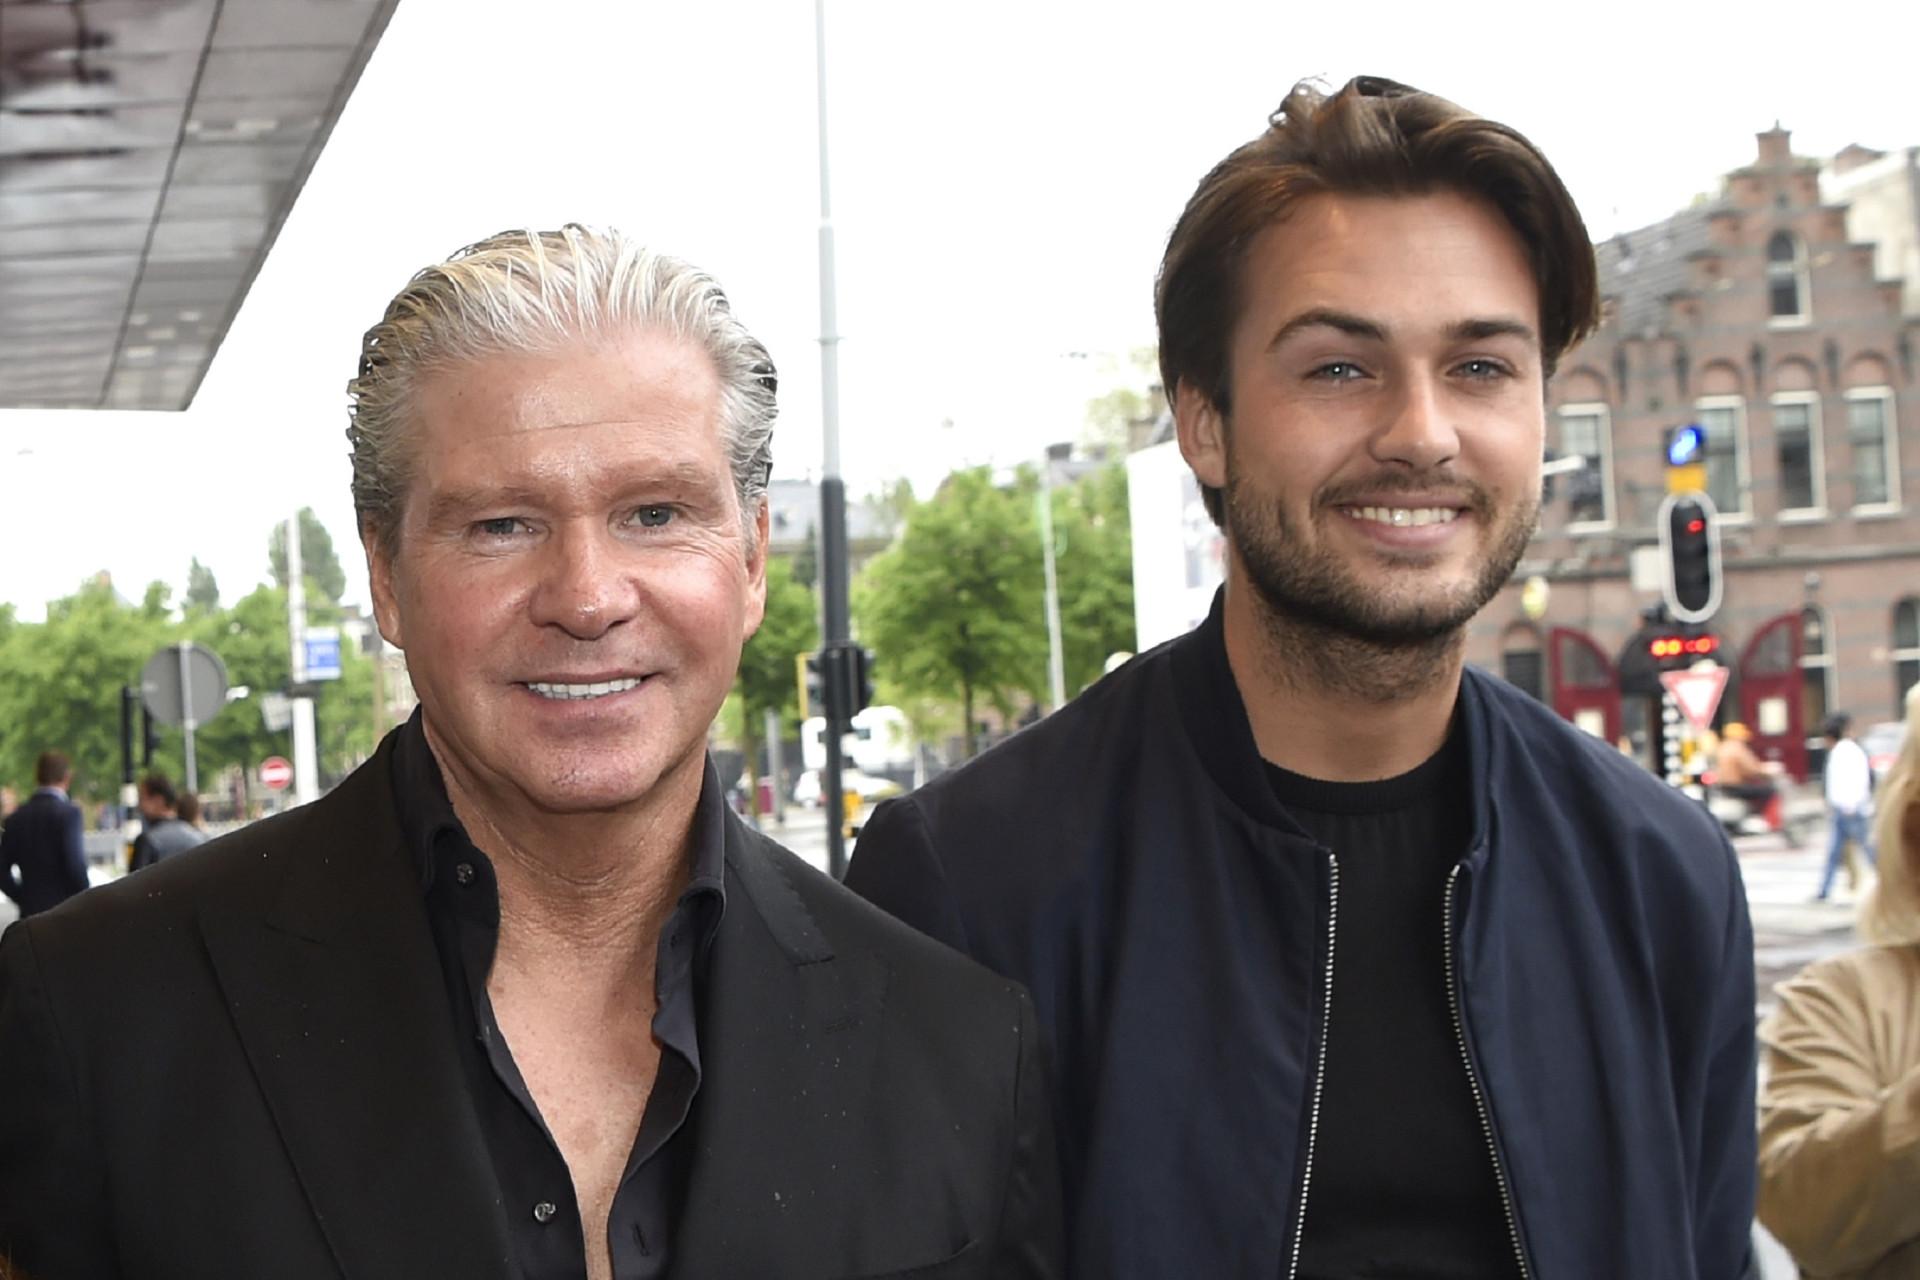 Gokkende bekende Nederlanders